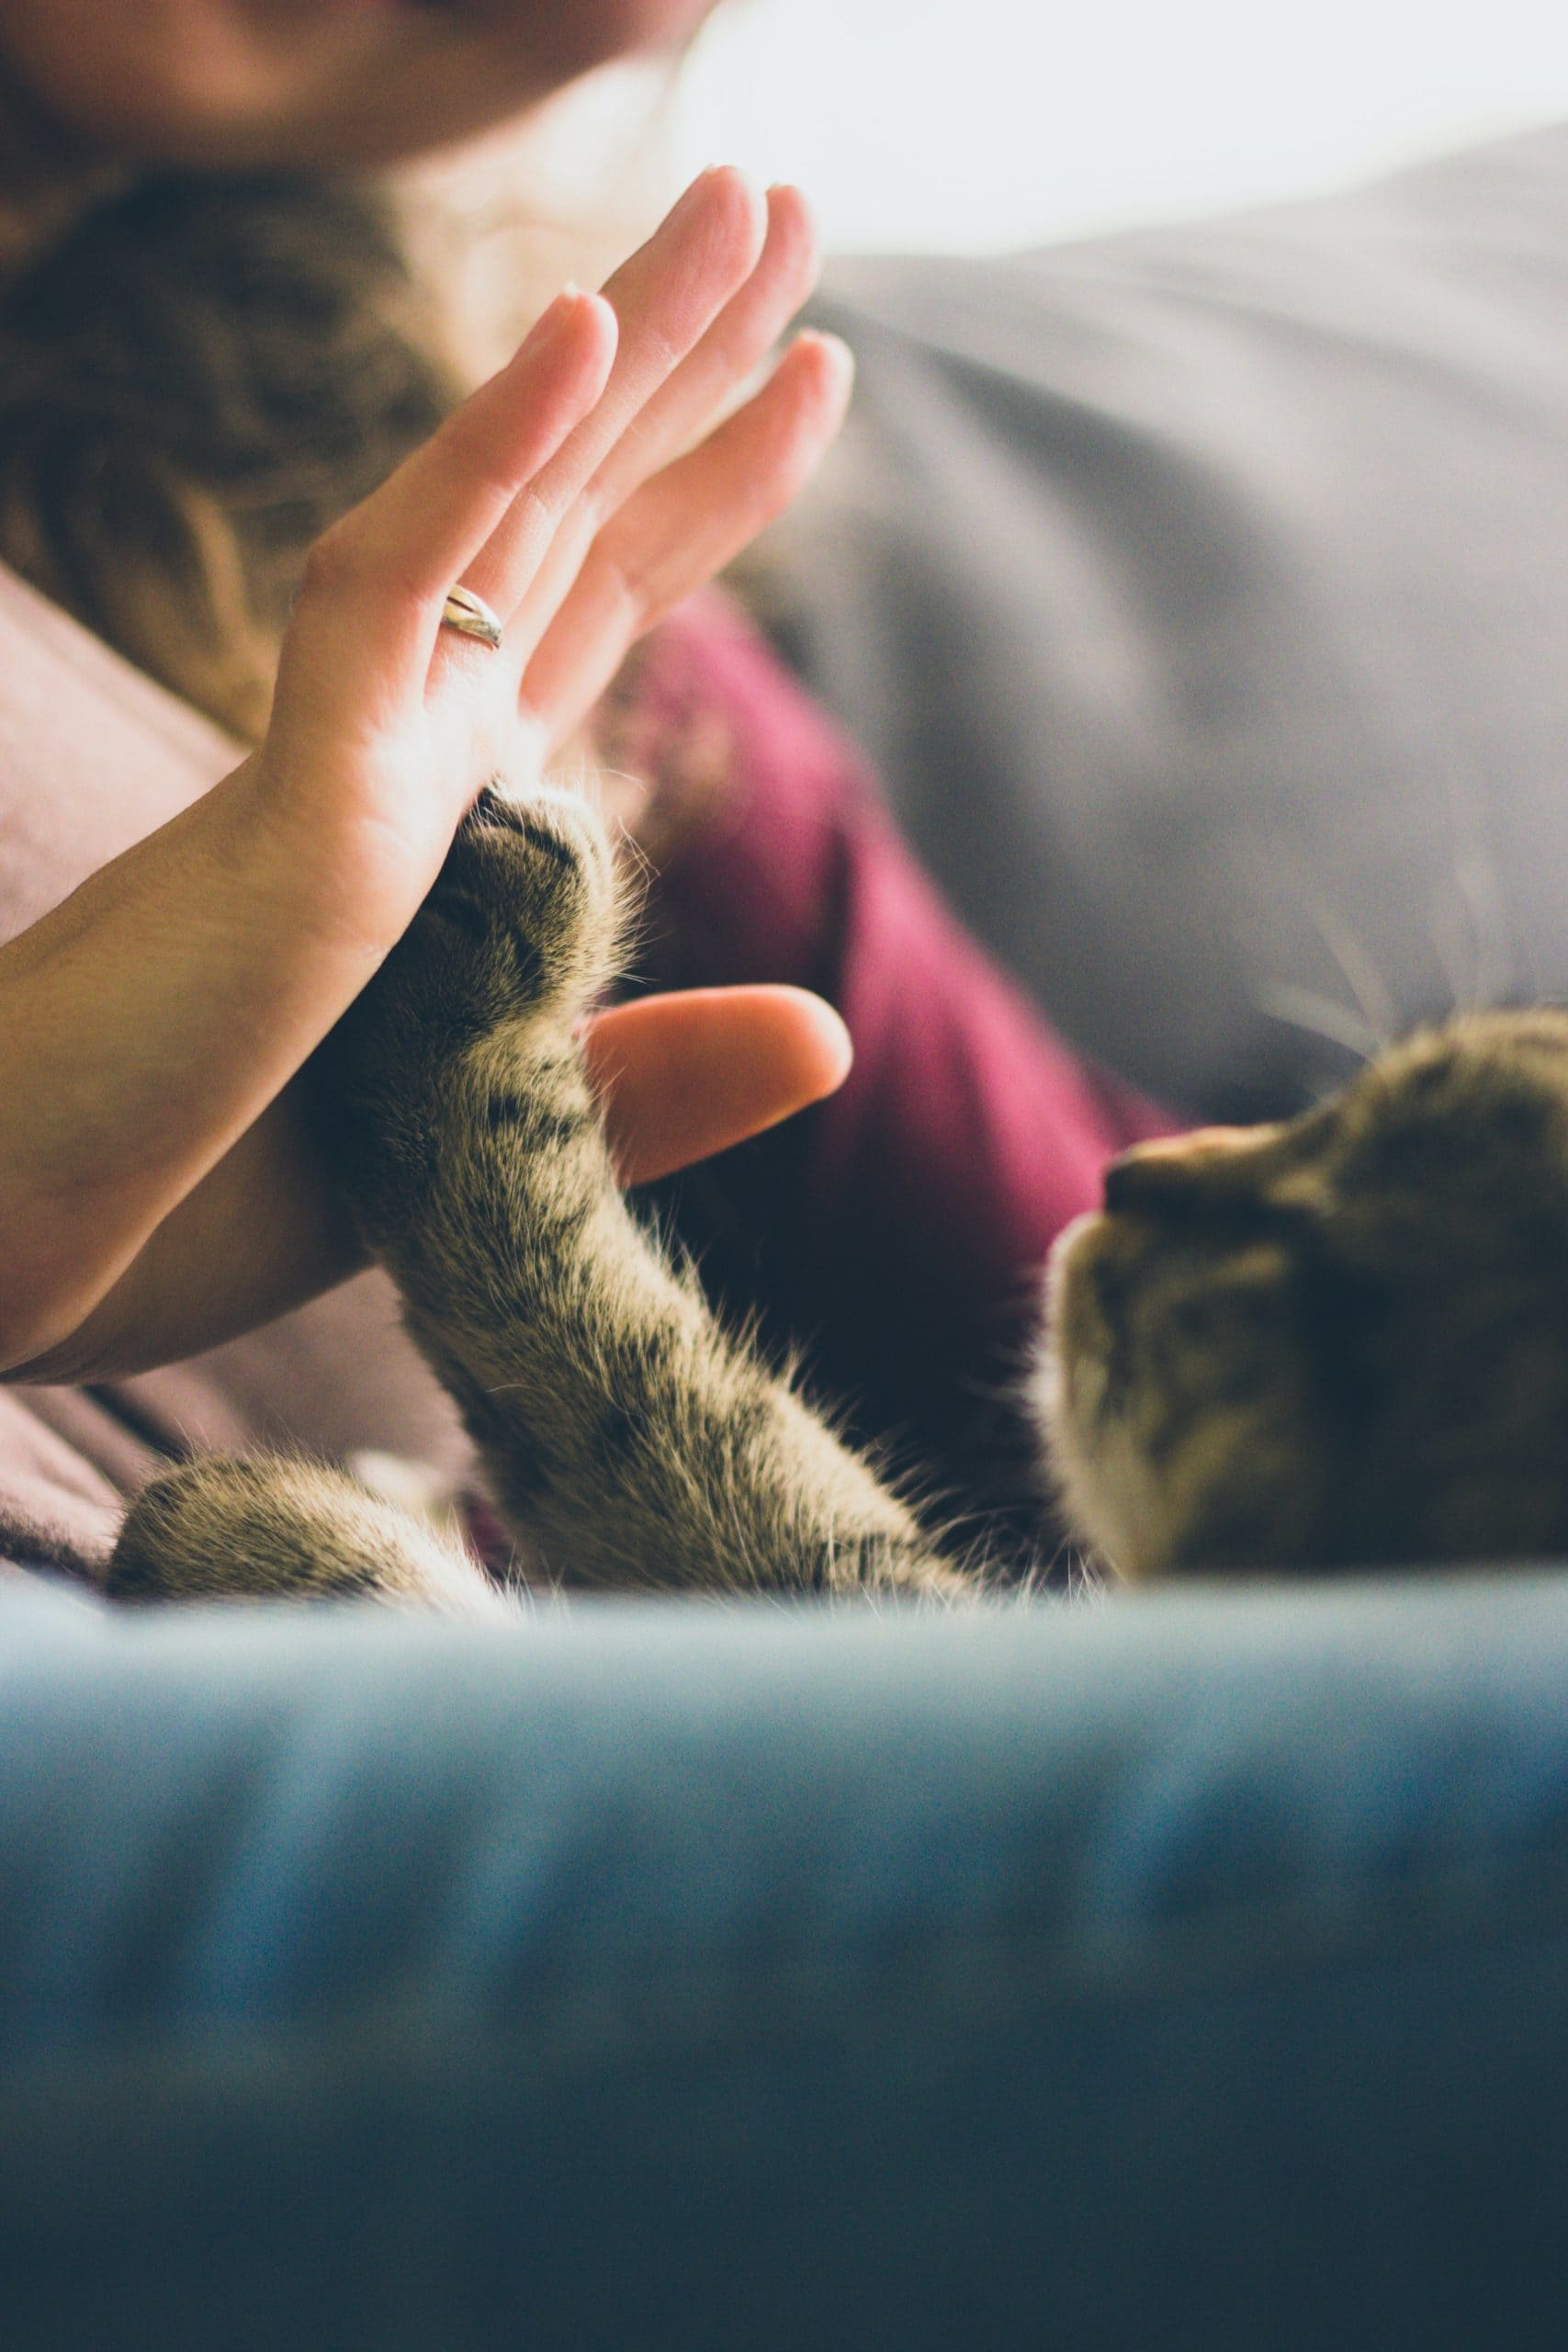 can my pet be vegan?